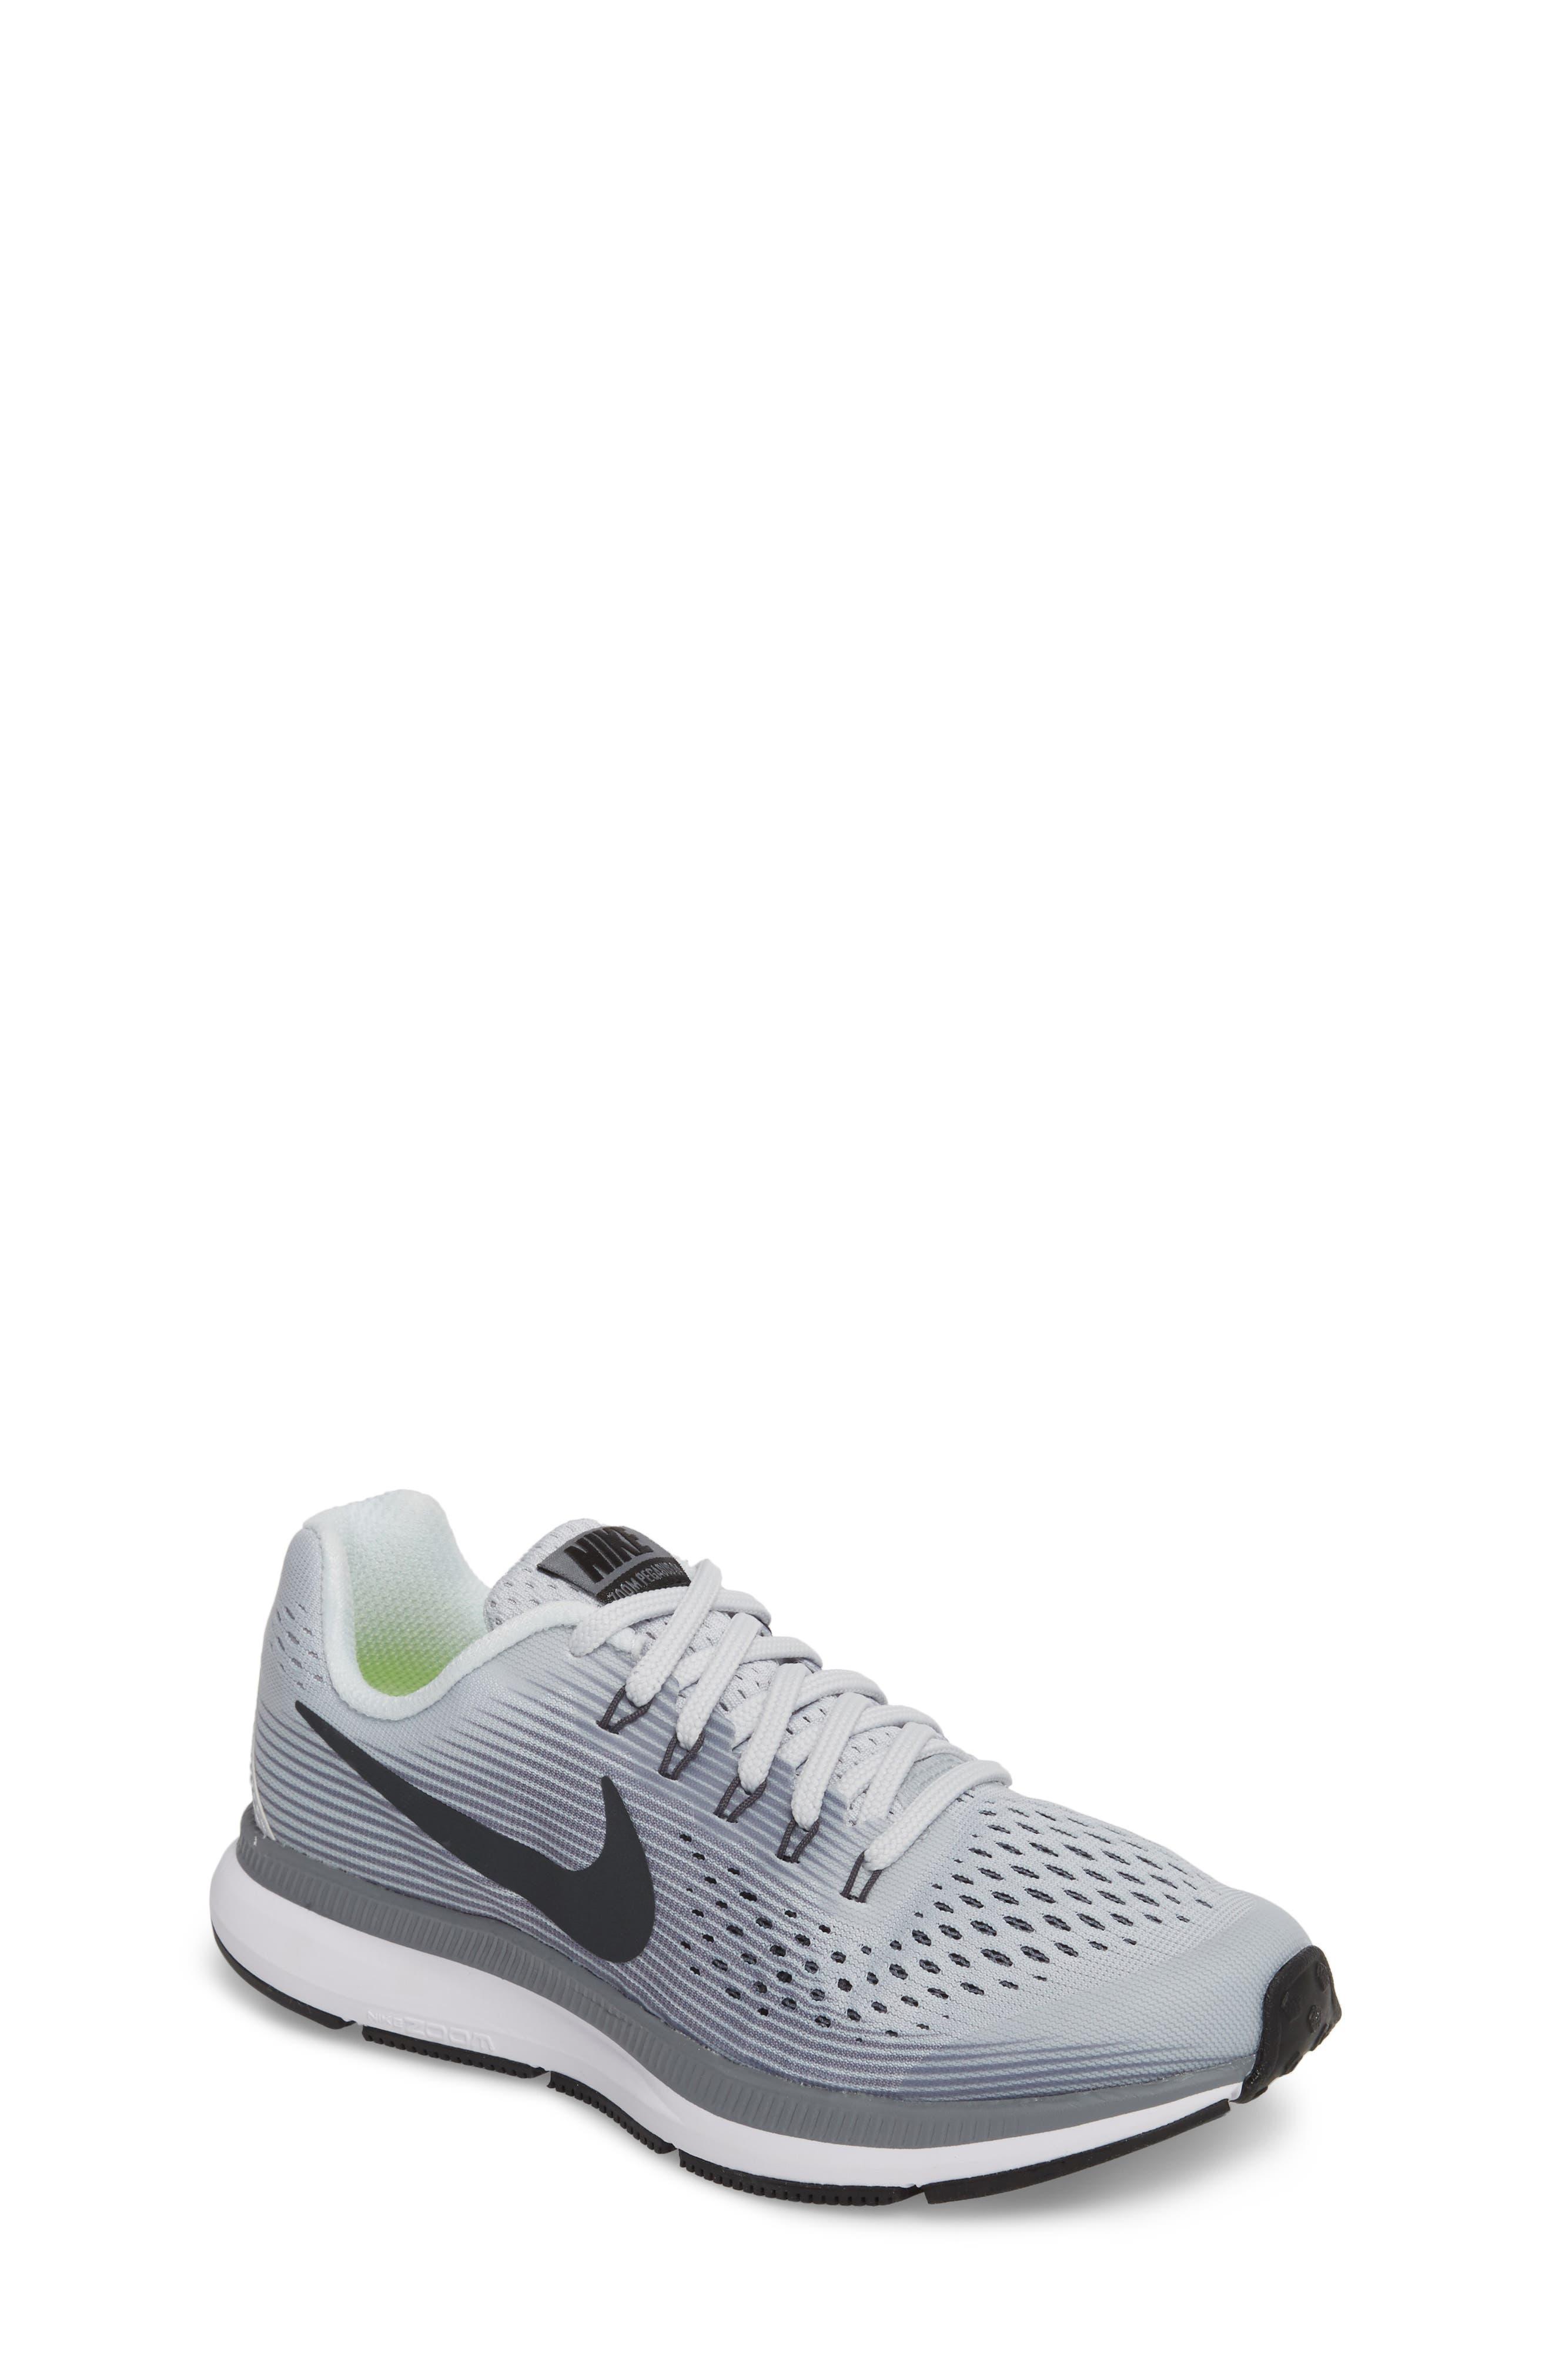 Zoom Pegasus 34 Sneaker,                             Main thumbnail 1, color,                             Platinum/ Anthracite/ Grey